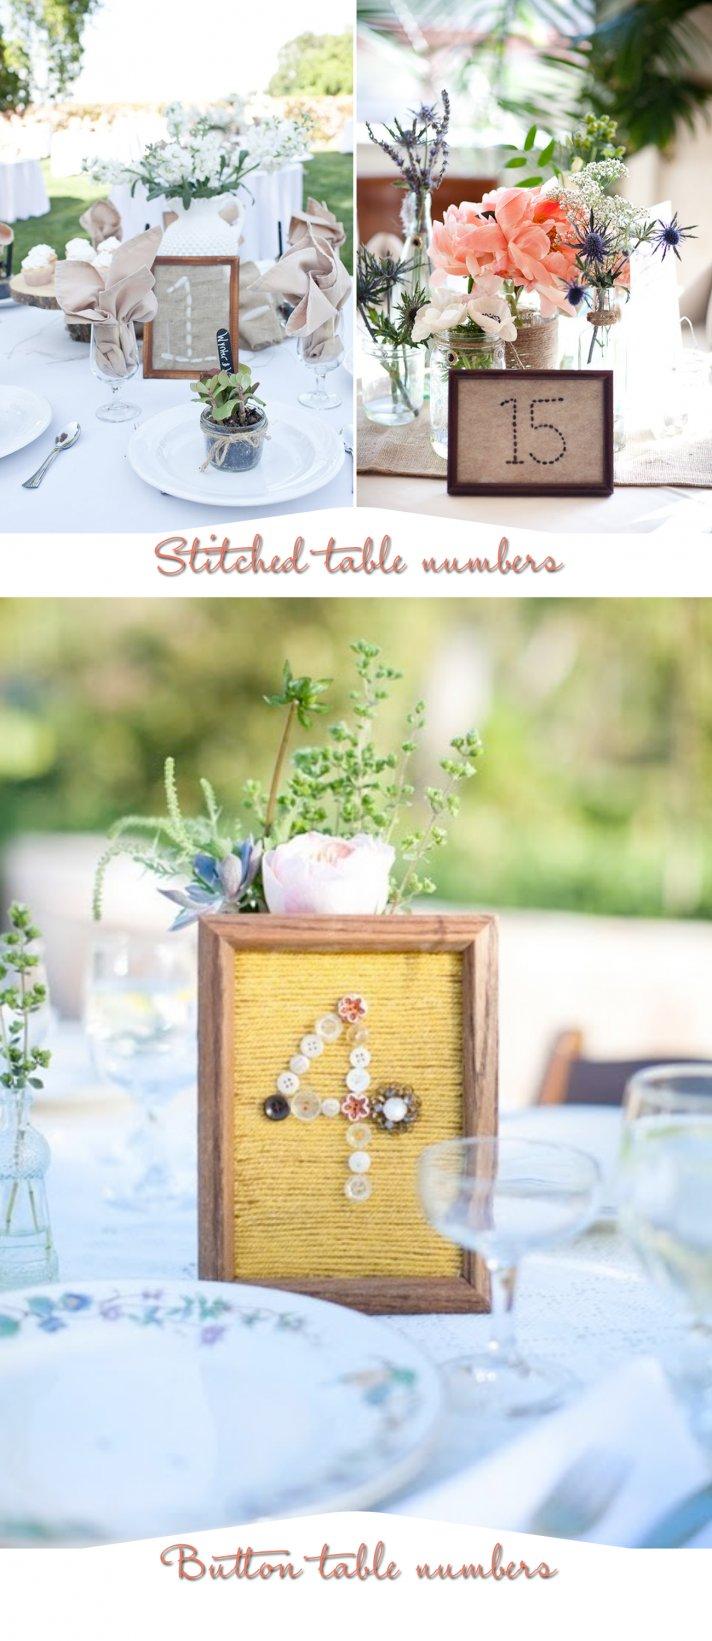 unique wedding guestbook ideas homespun diy wedding ideas